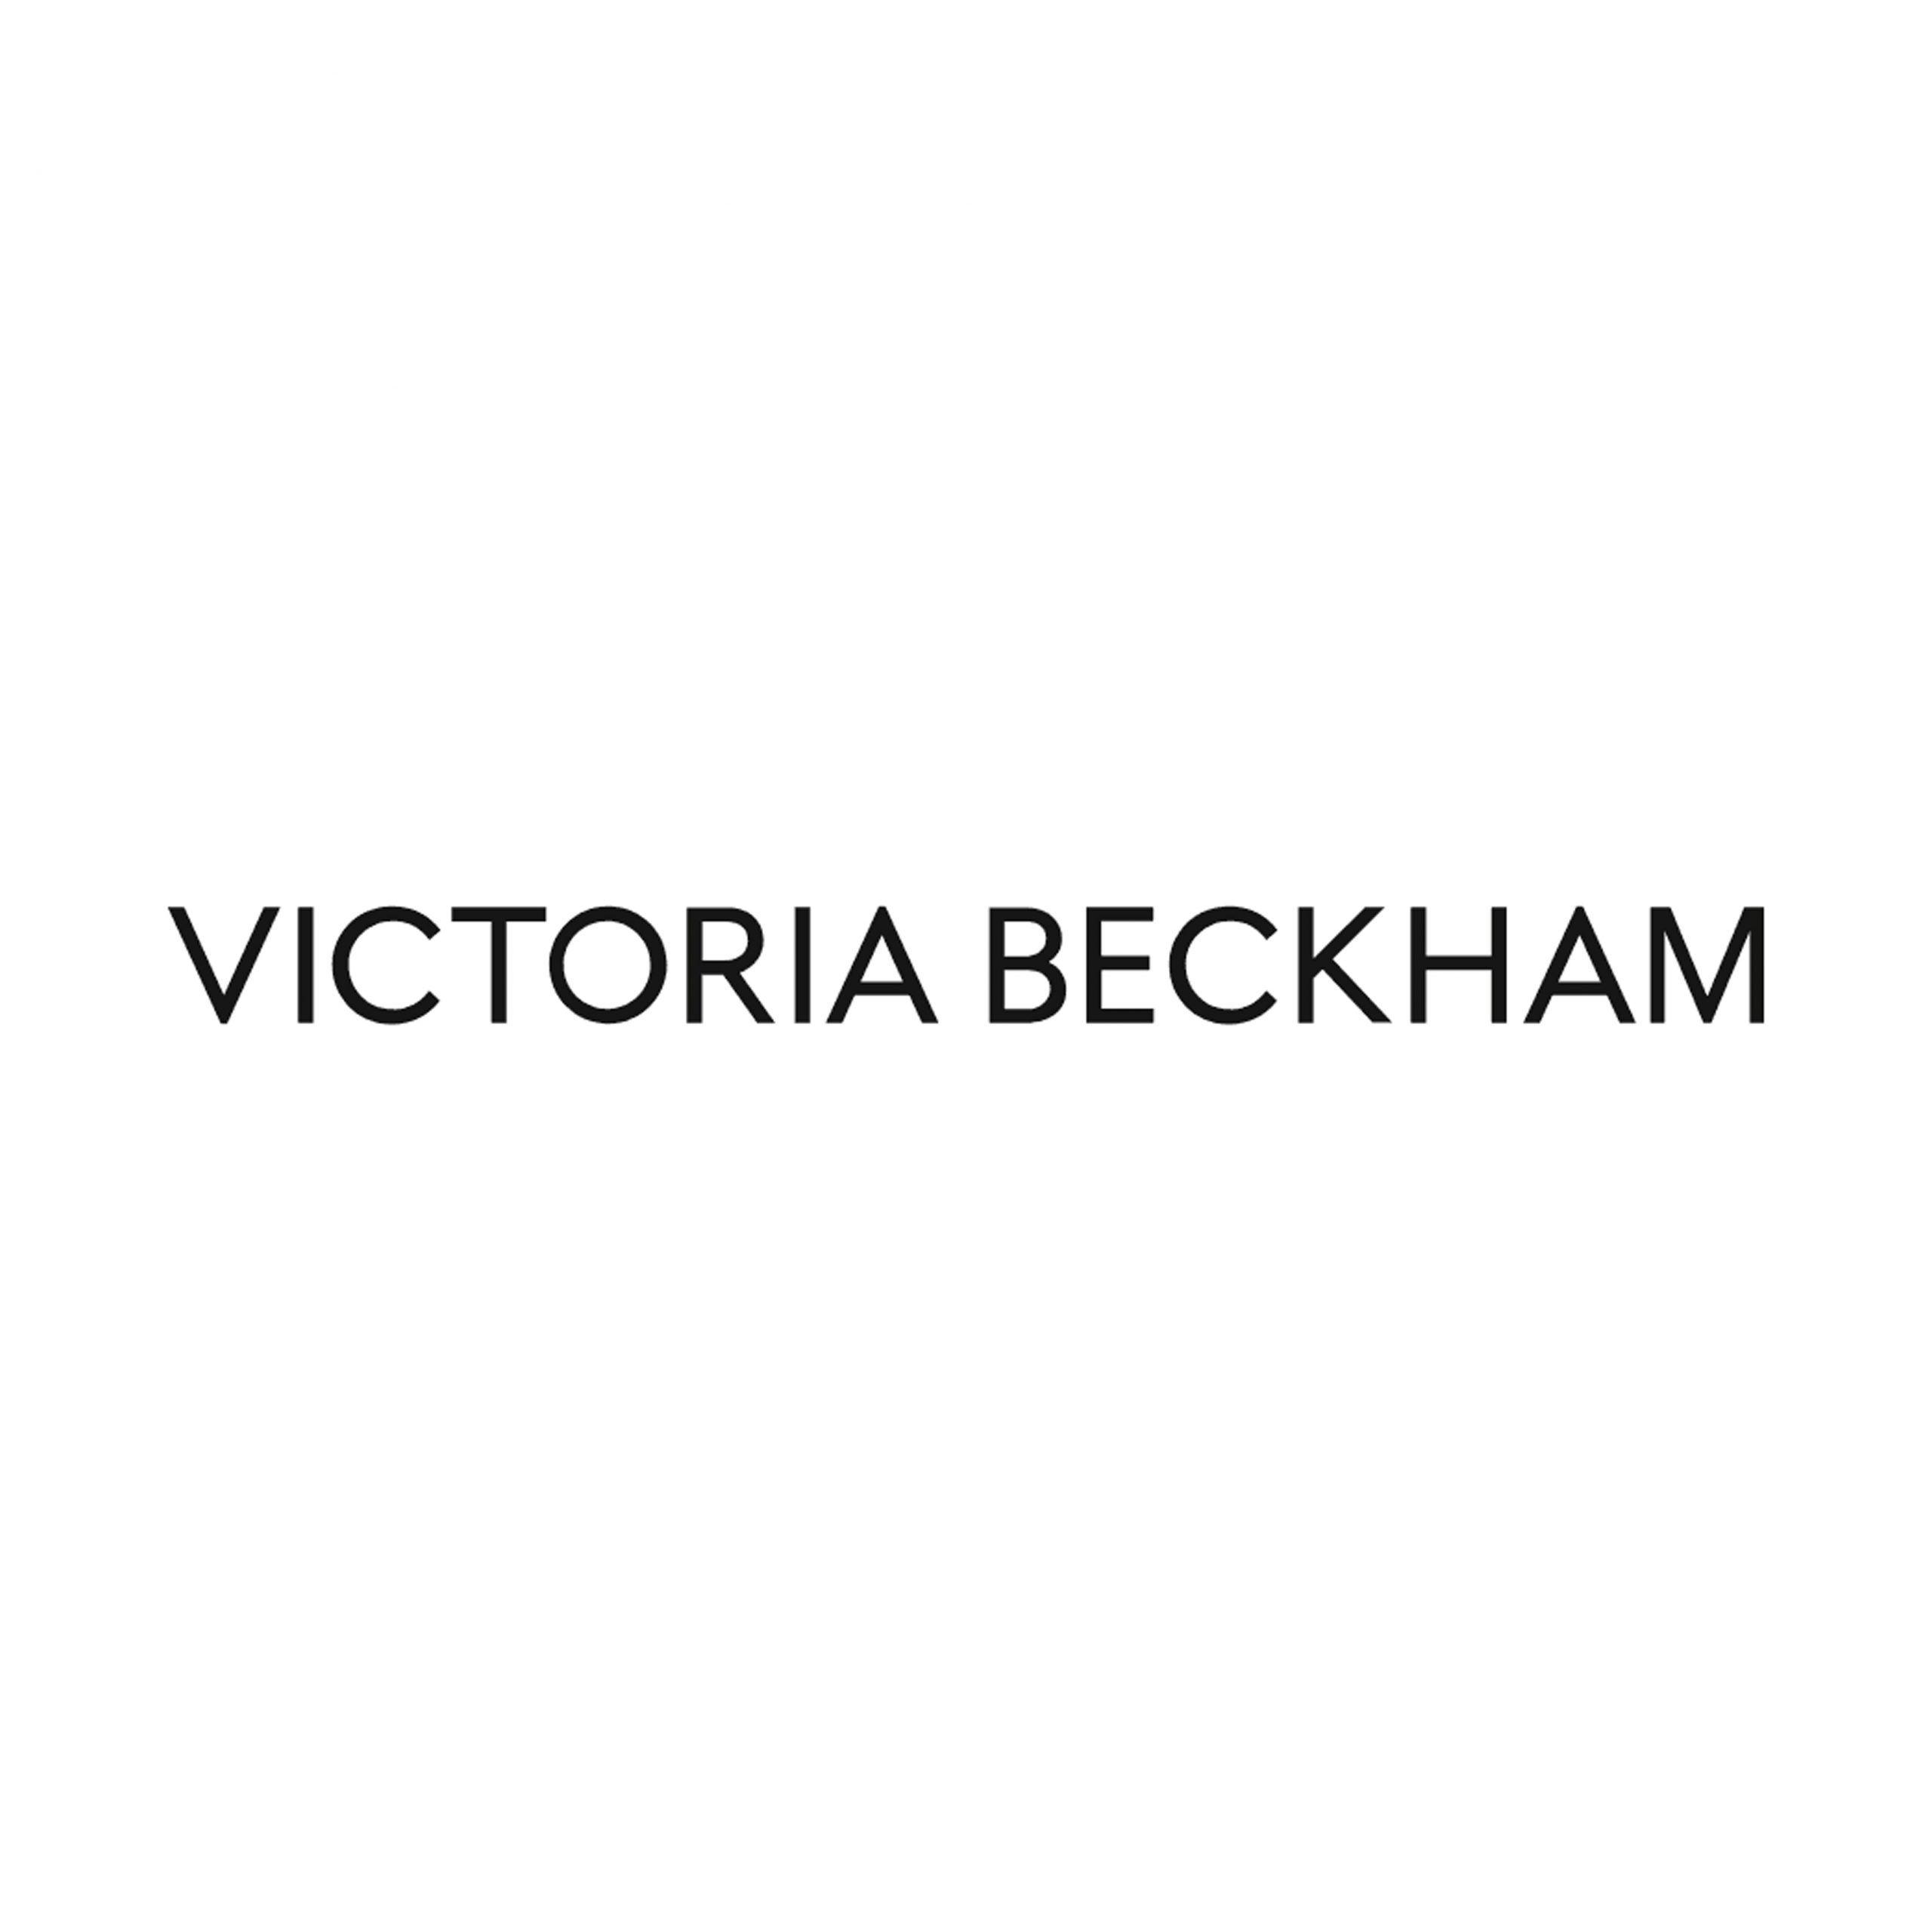 Logo_victoriabeckham